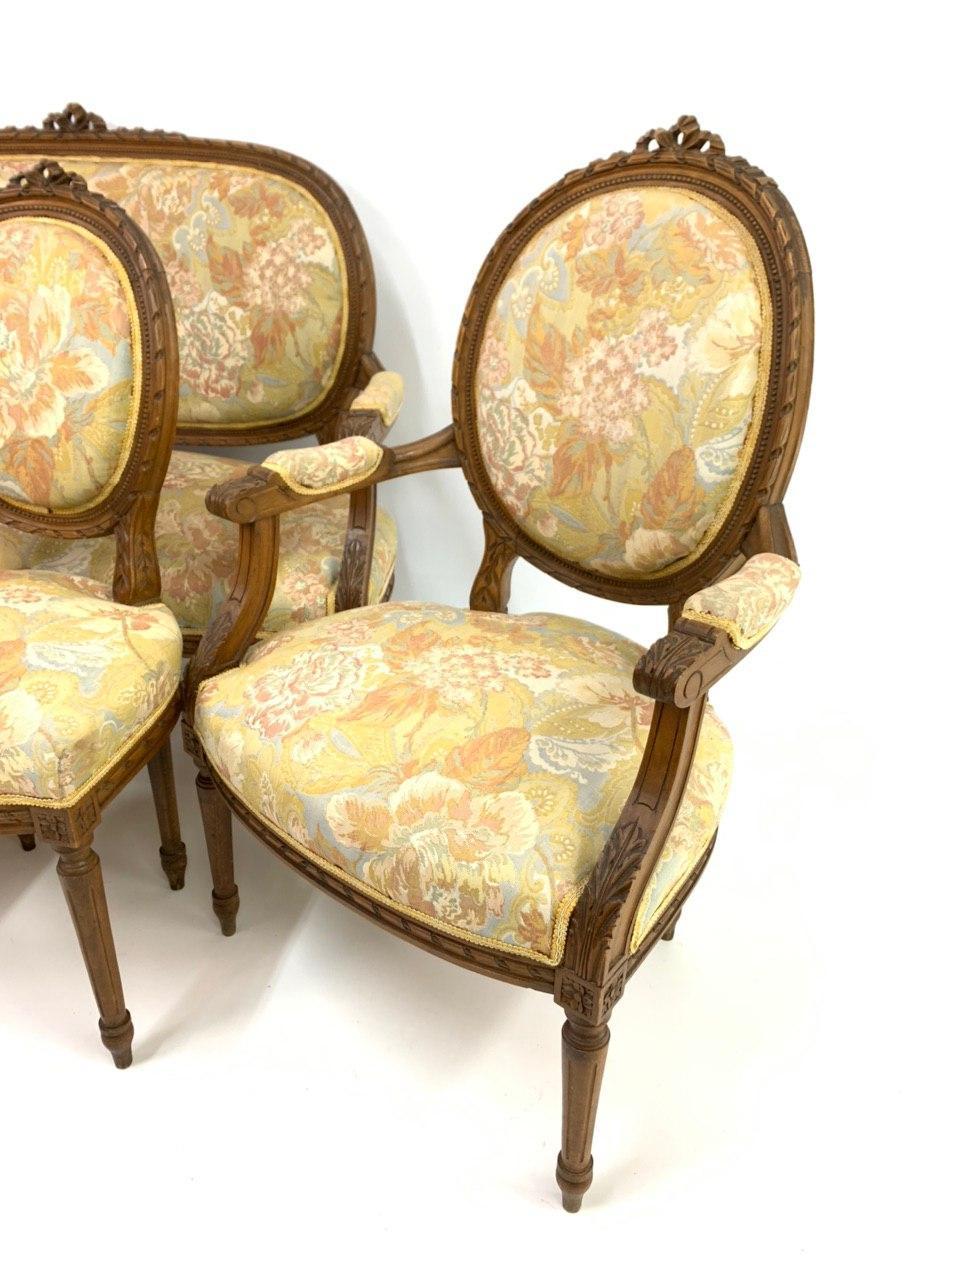 Антикварный гарнитур в стиле Луи XVI